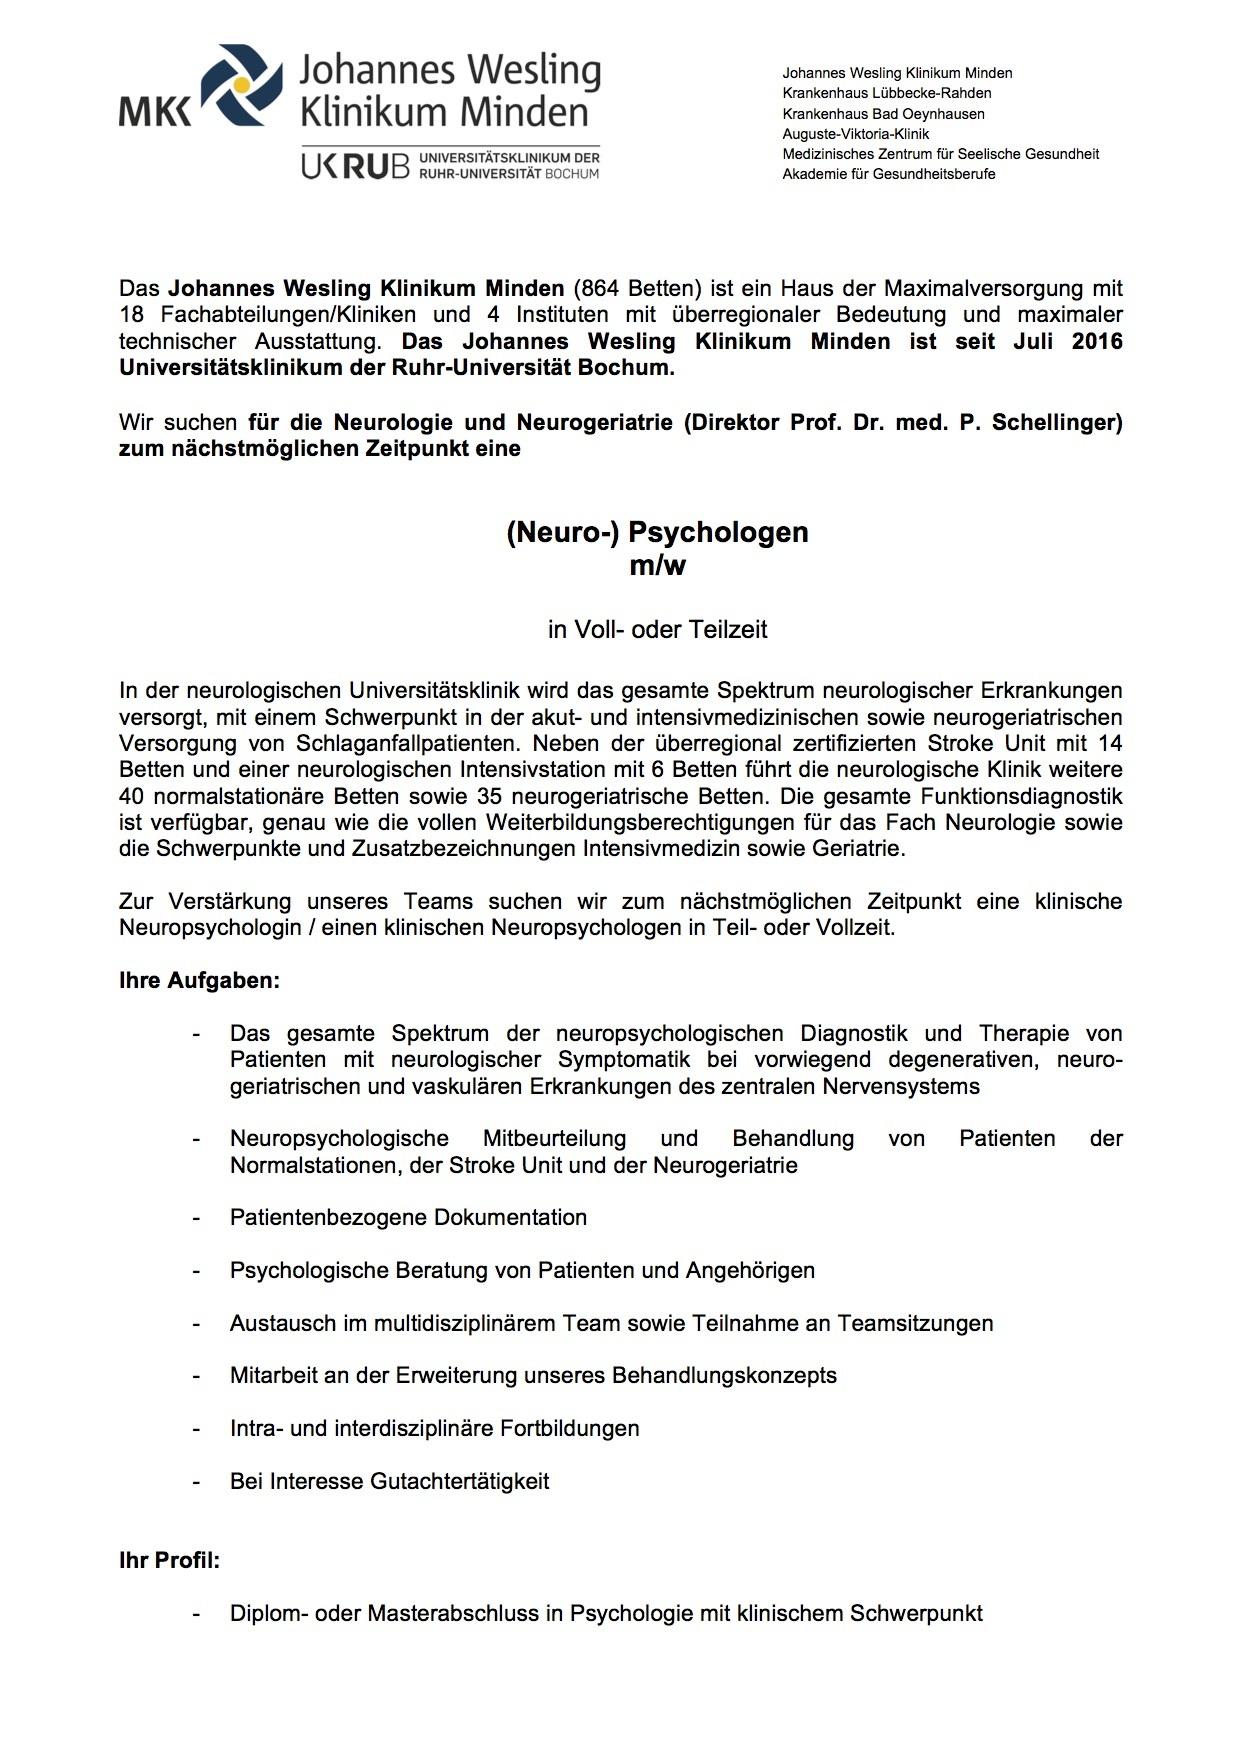 Johannes Wesling Universitäts-Klinikum Minden